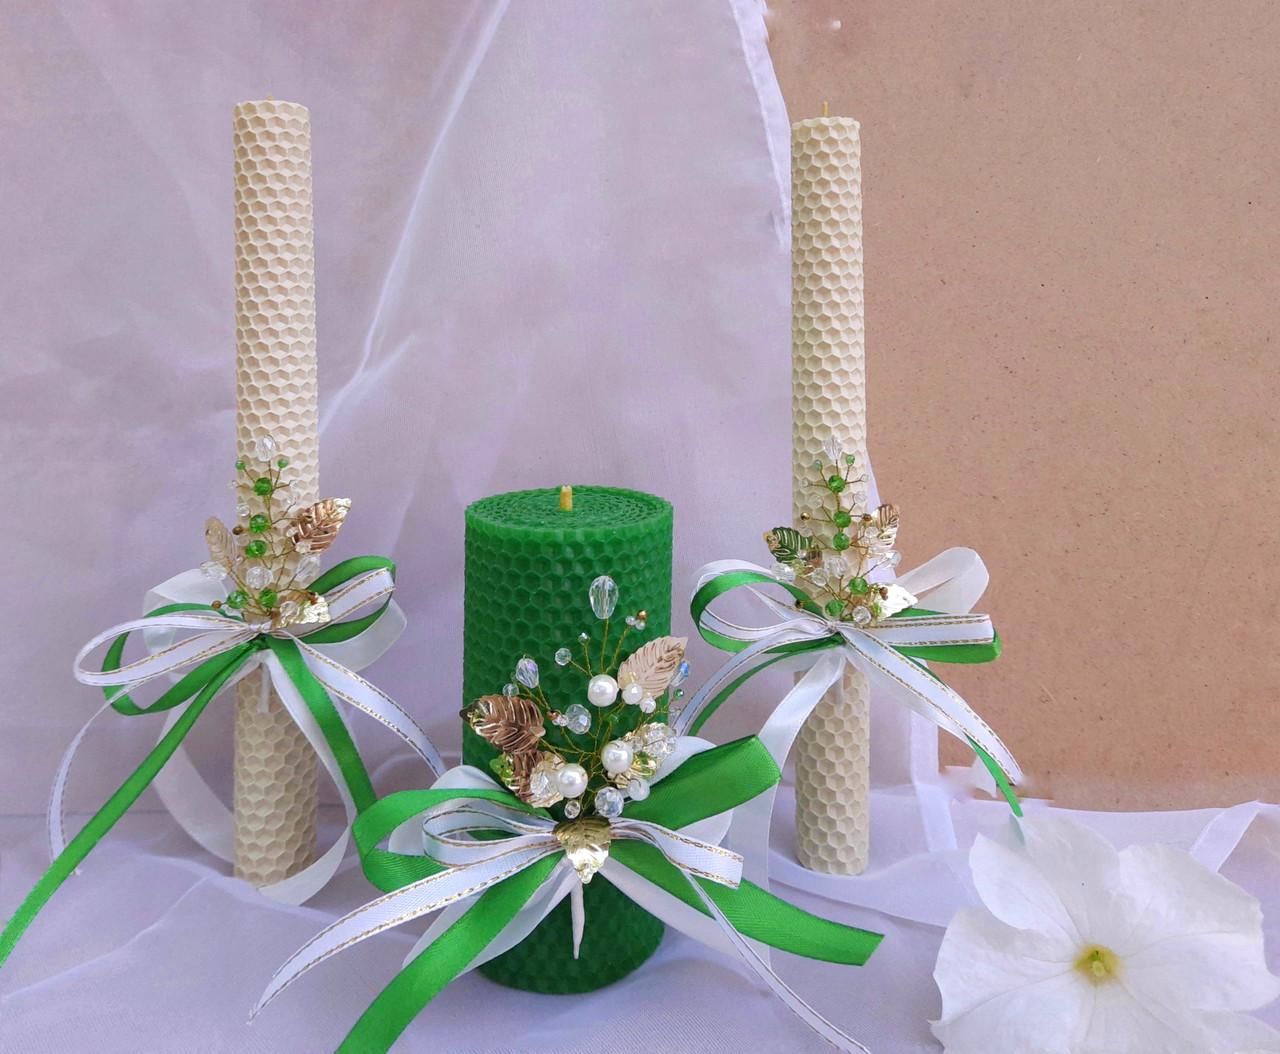 """Набор свадебных свечей """"Семейный очаг"""" Зеленый Zigrivay 3 шт (10004)"""